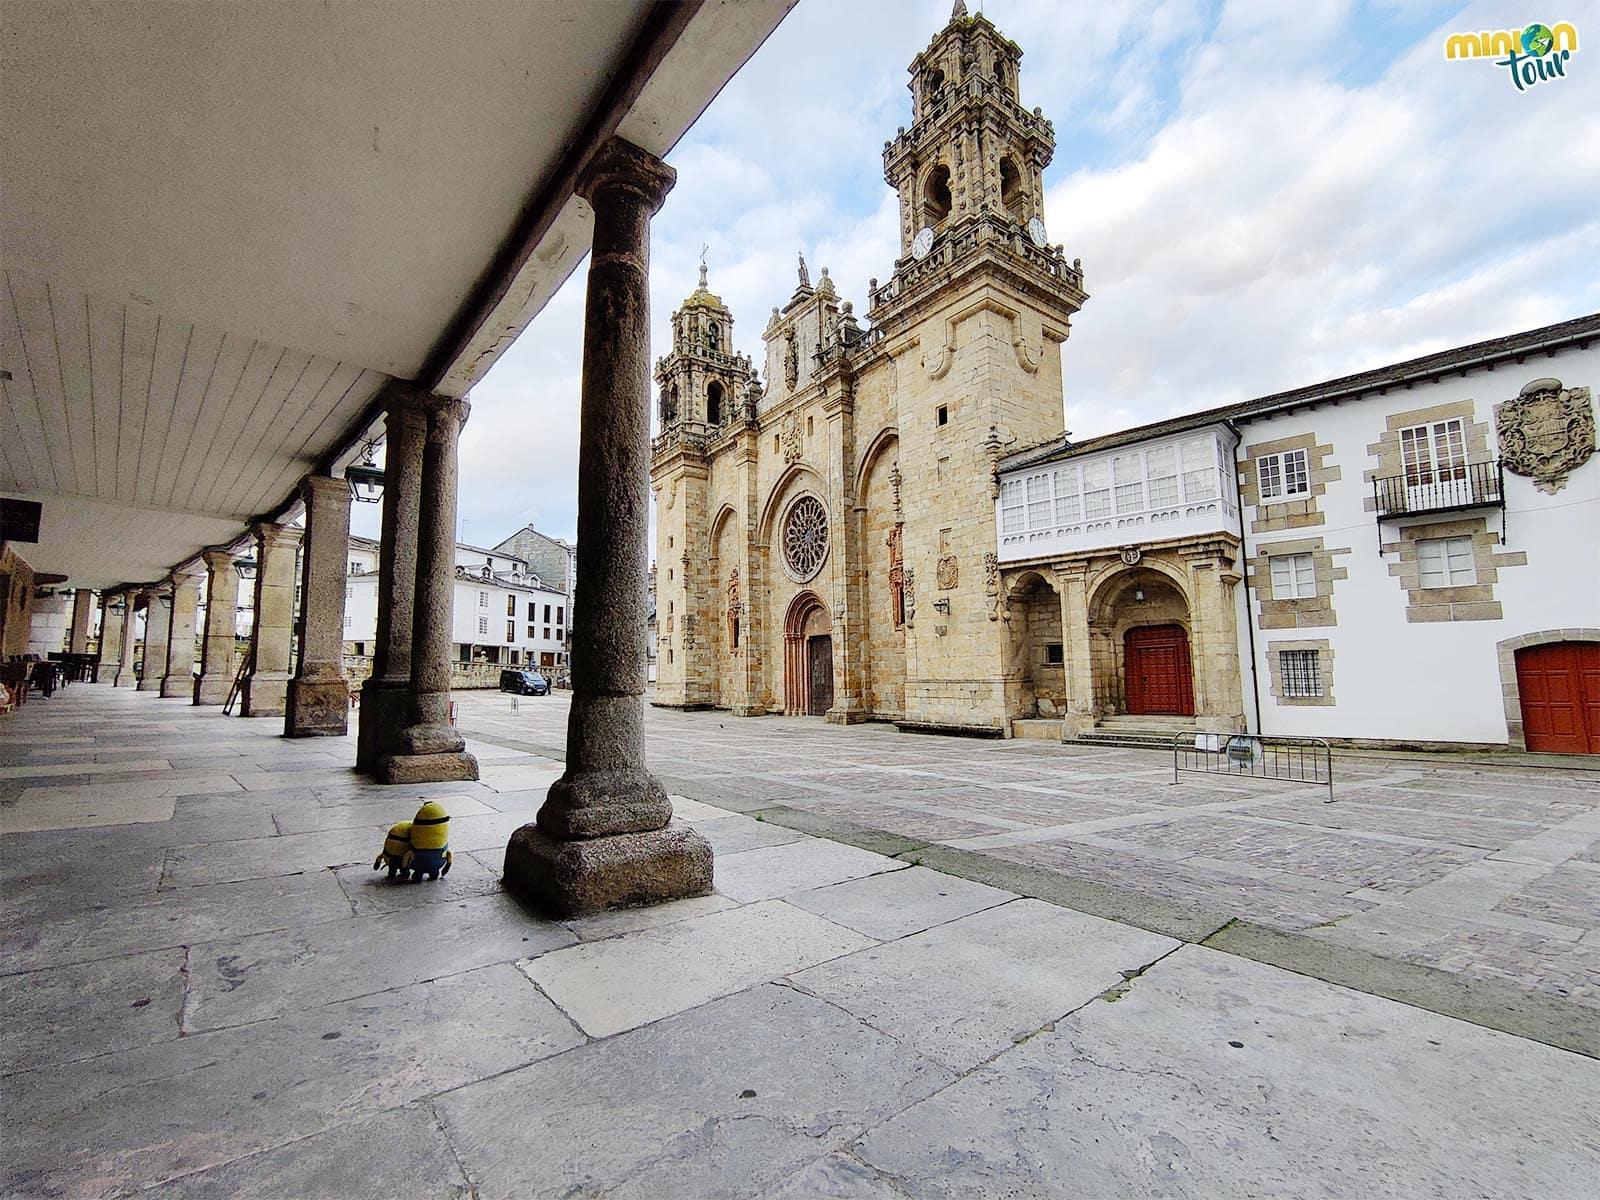 Qué ver en Mondoñedo, uno de Los Pueblos Más Bonitos de España